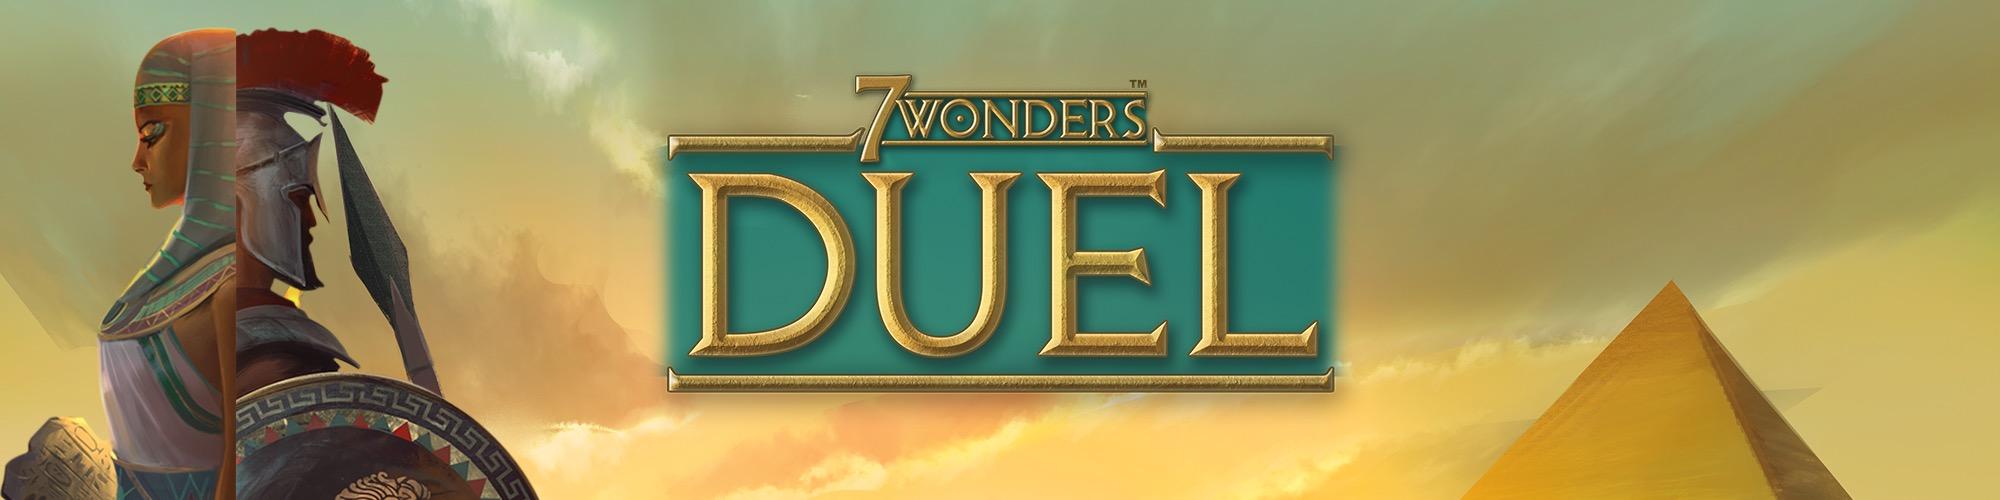 7-wonders-duel_banner